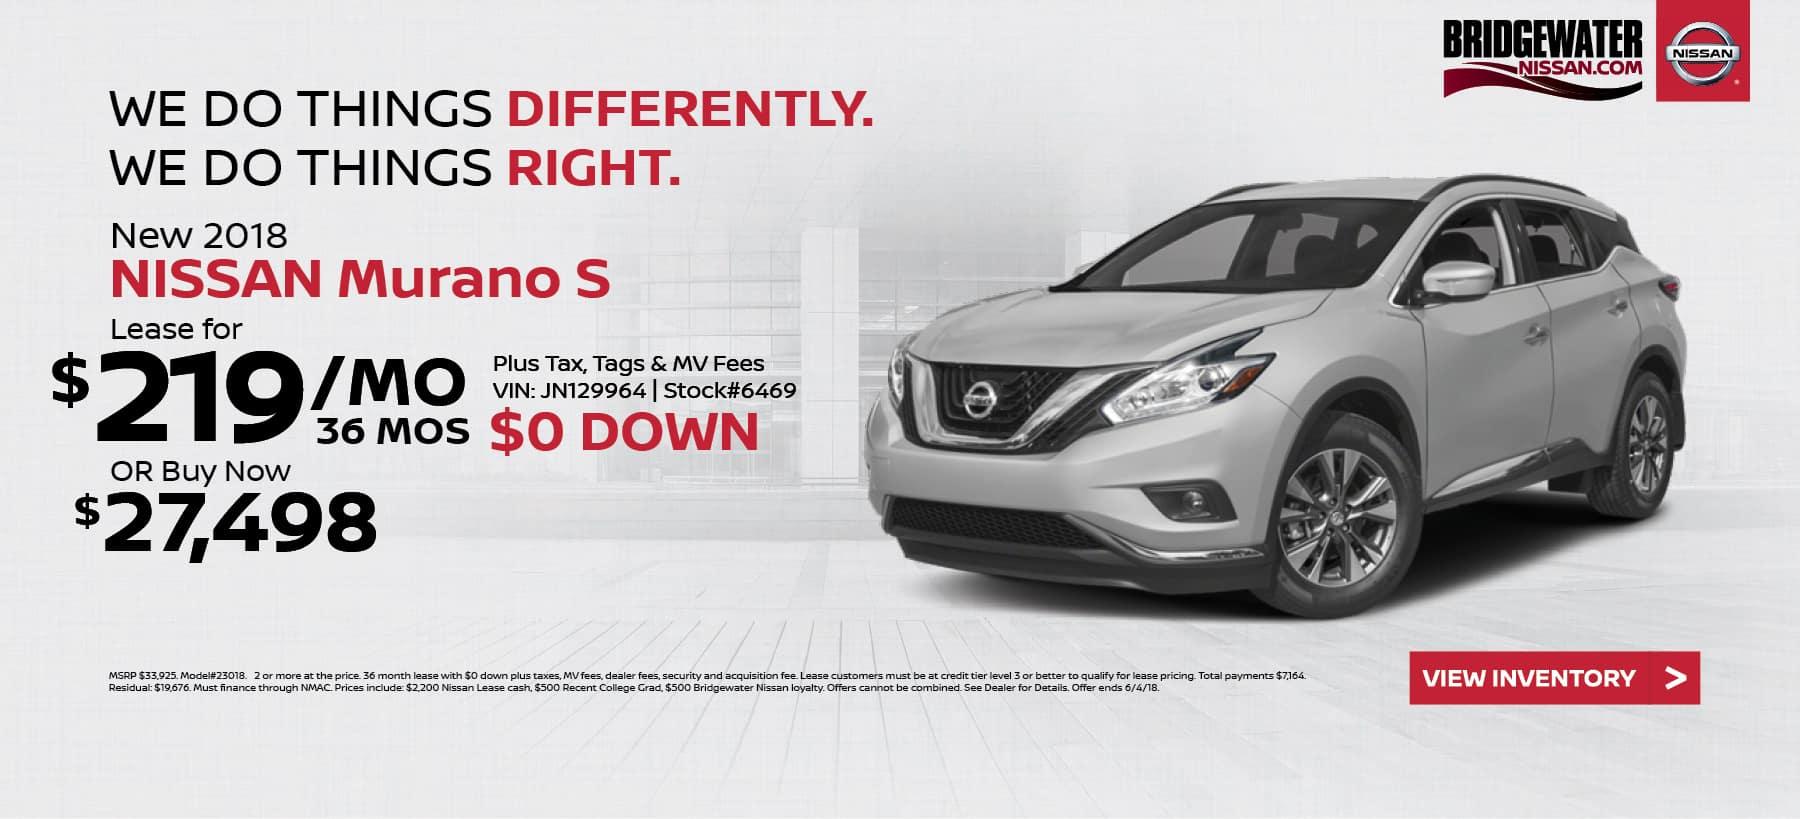 Nissan_Murano Bridgewater Nissan May Homepage Offer